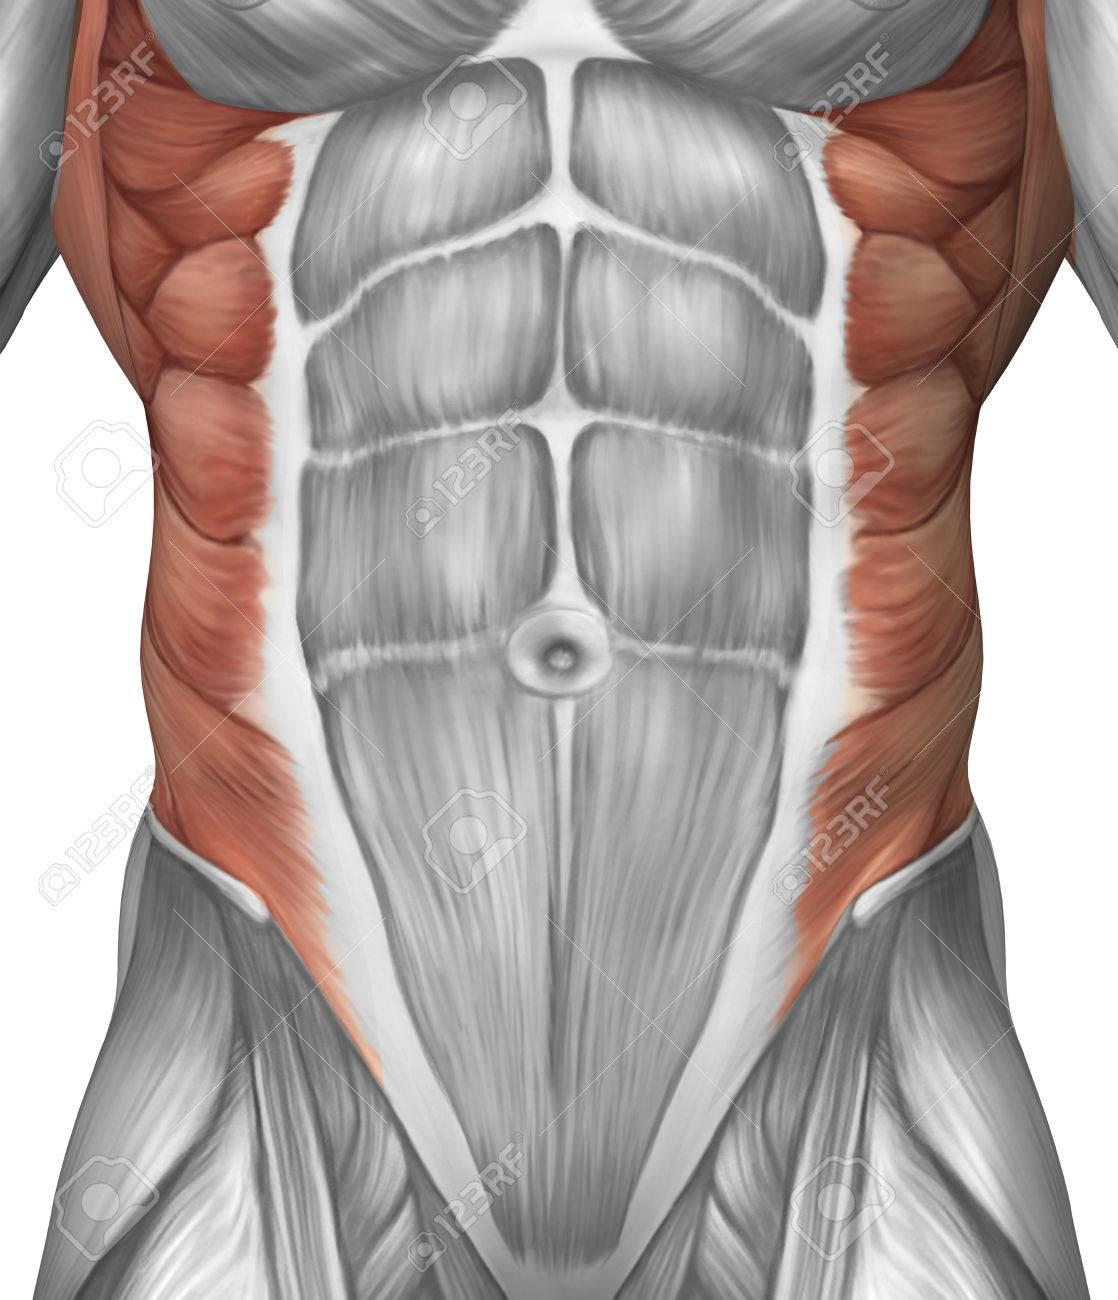 Männliche Muskelanatomie Der Bauchdecke. Lizenzfreie Fotos, Bilder ...